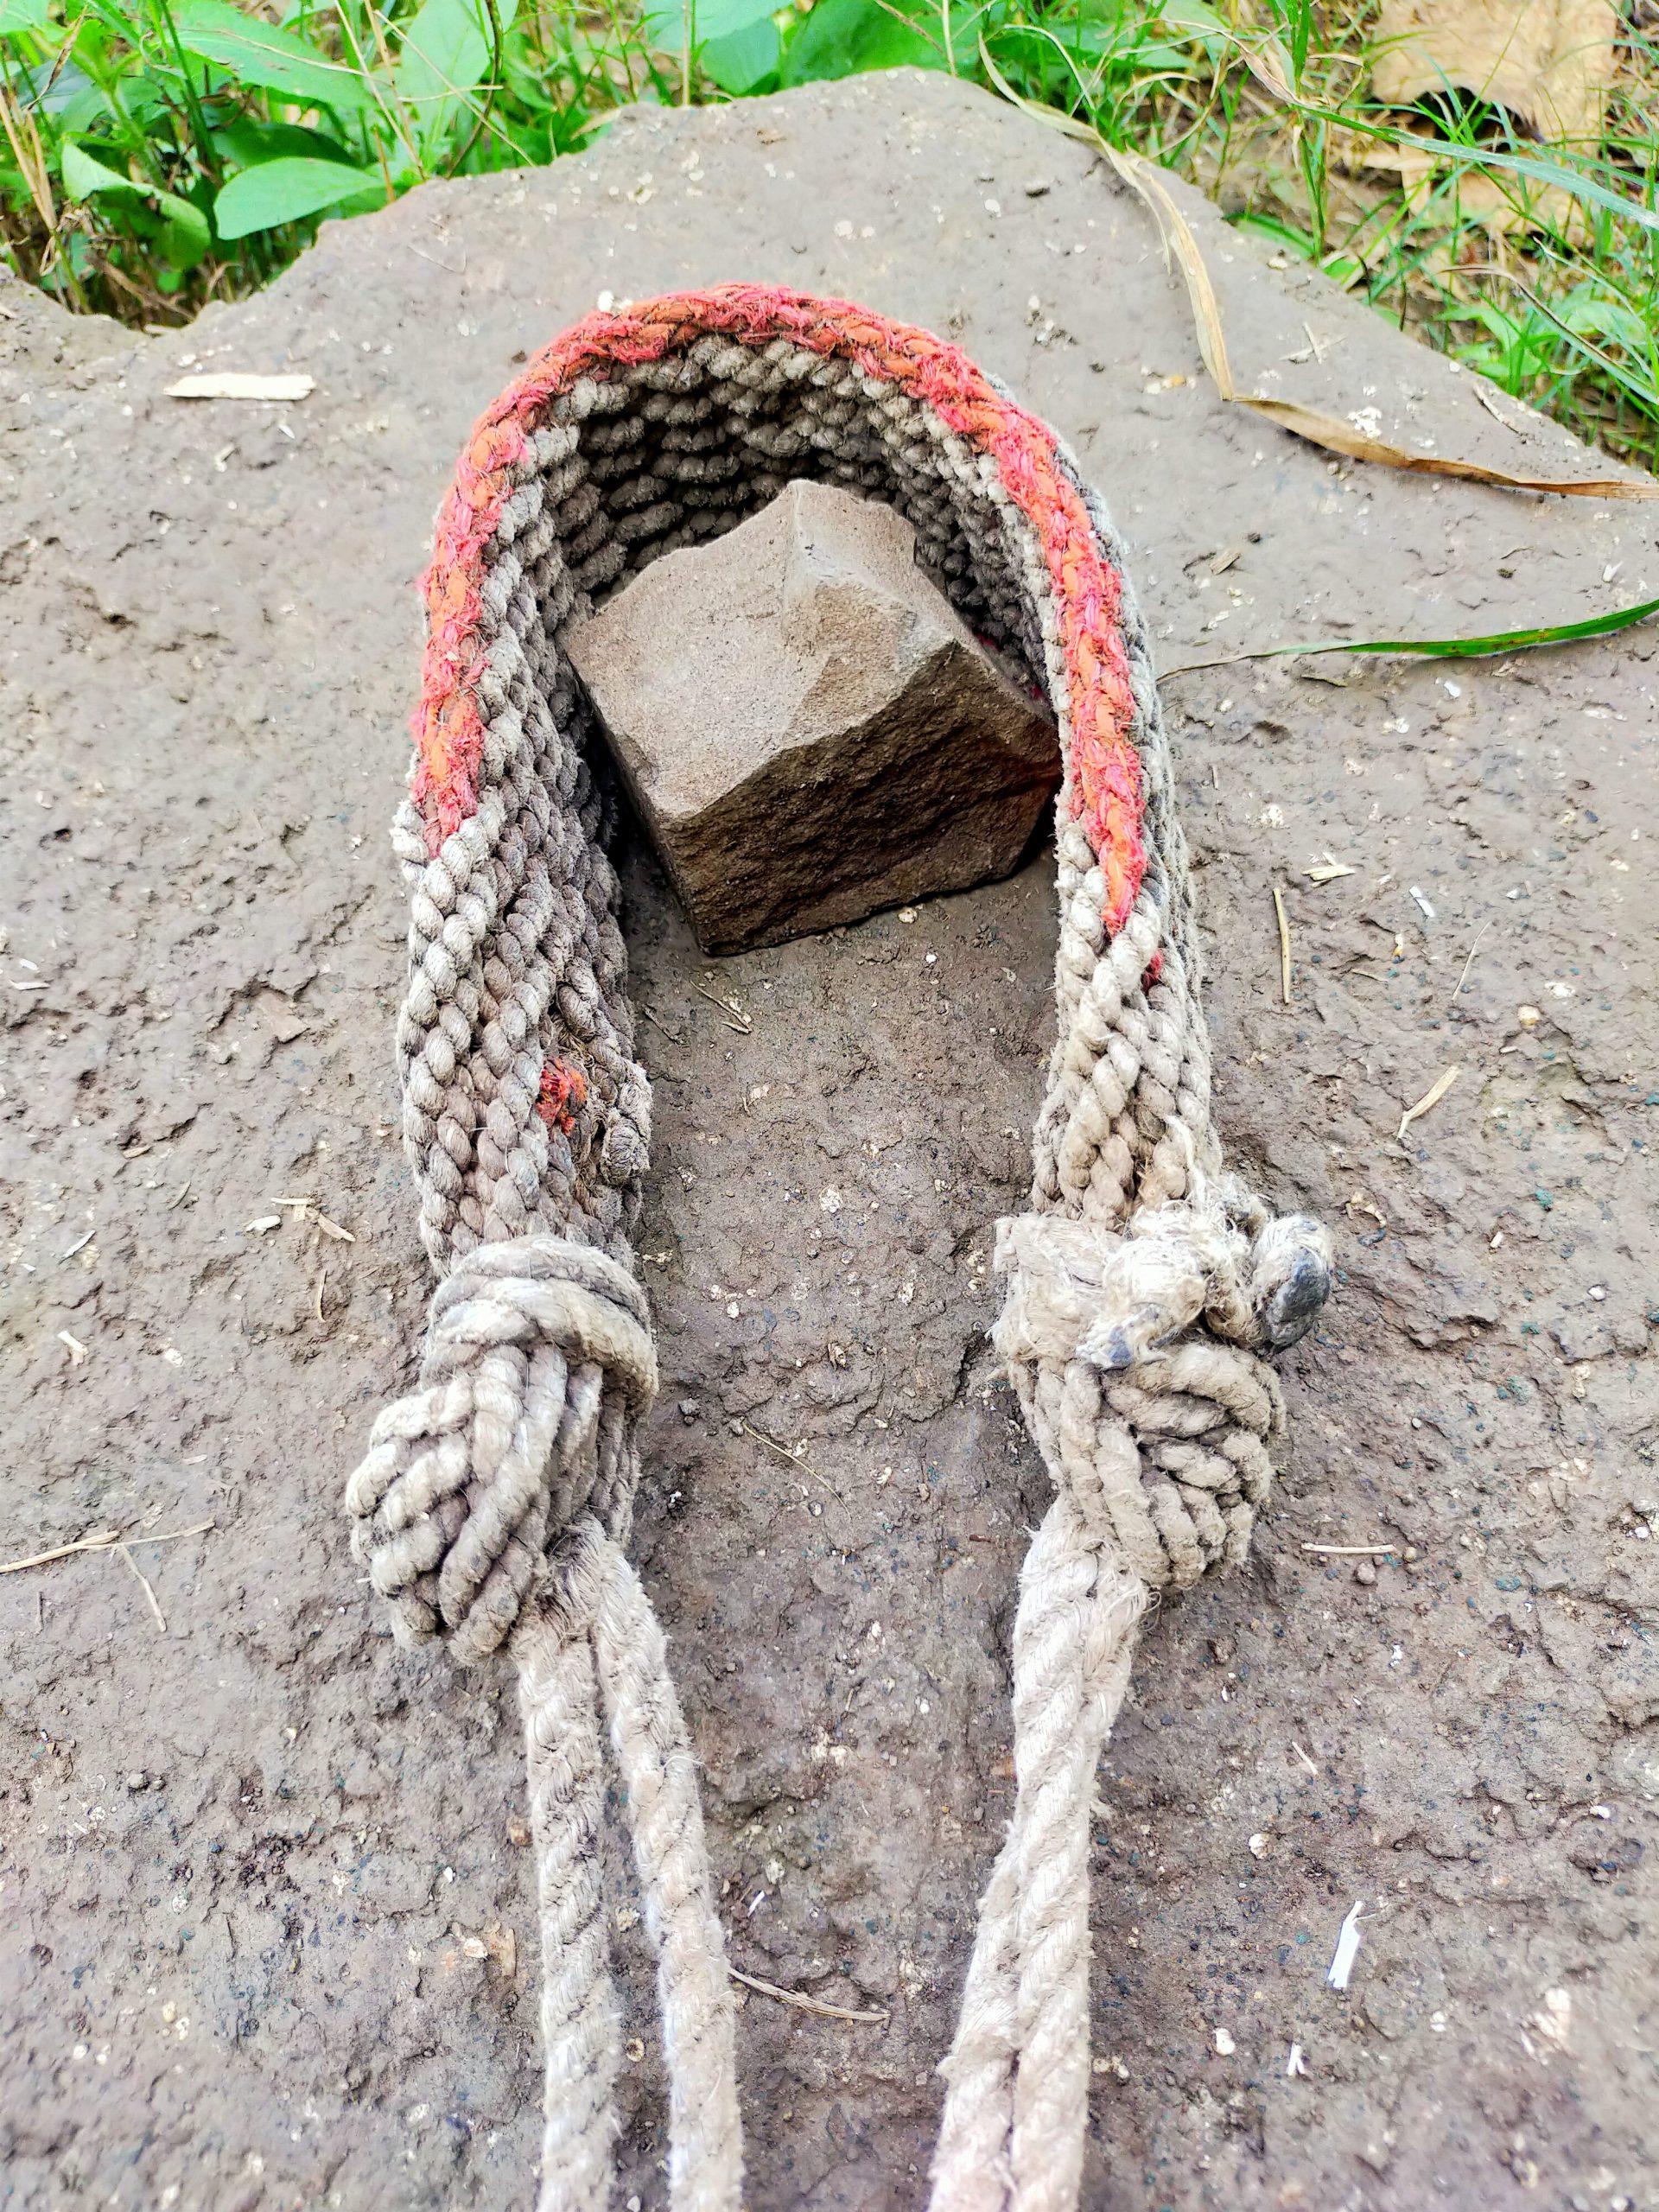 A slingshot rope